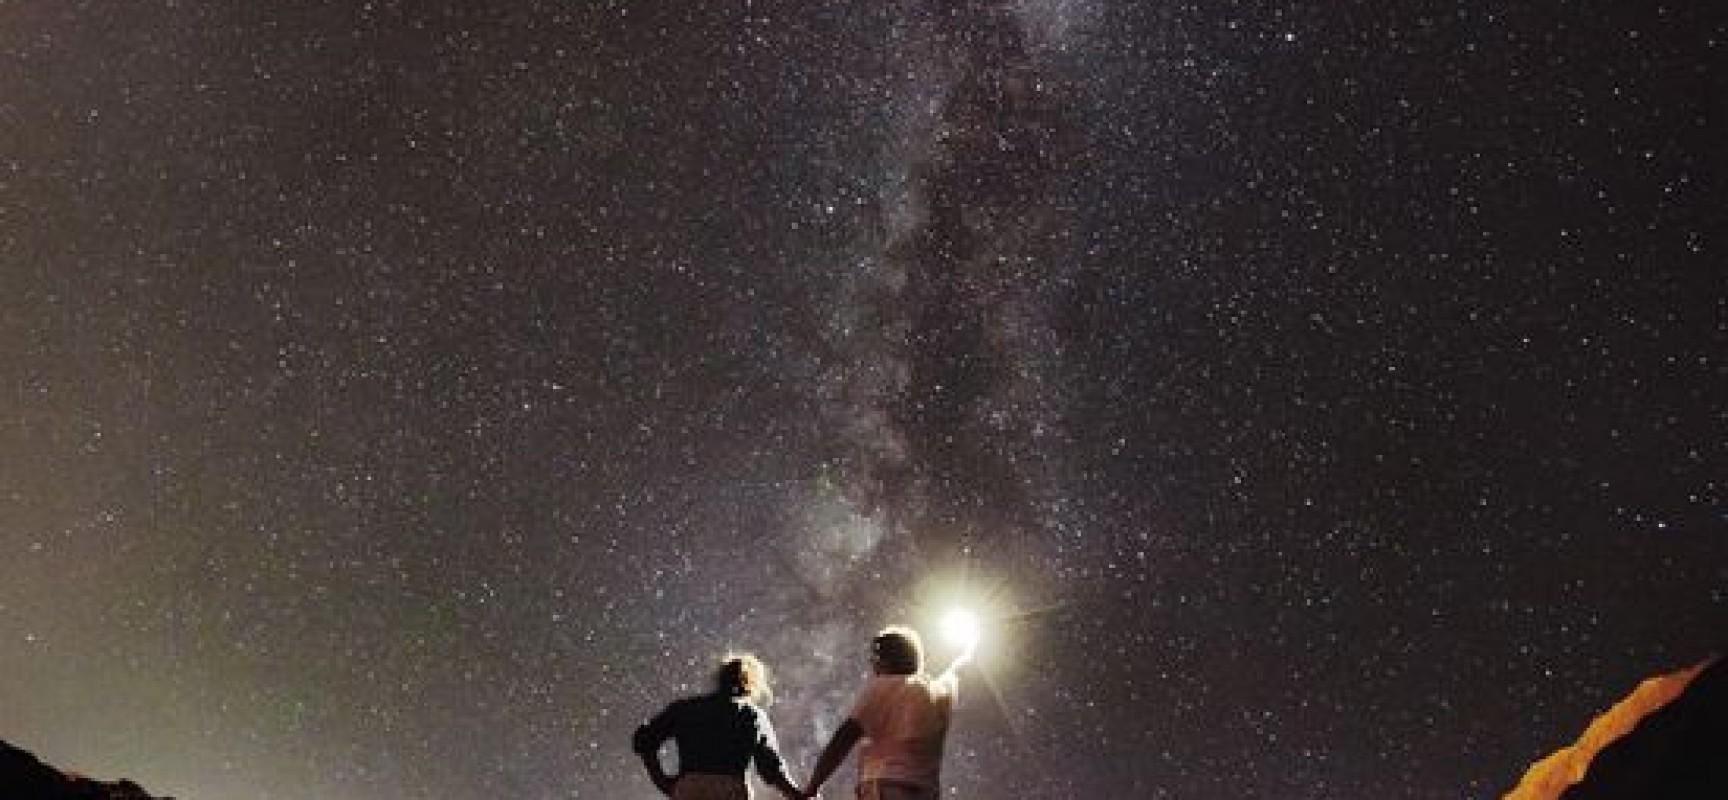 observar las estrellas